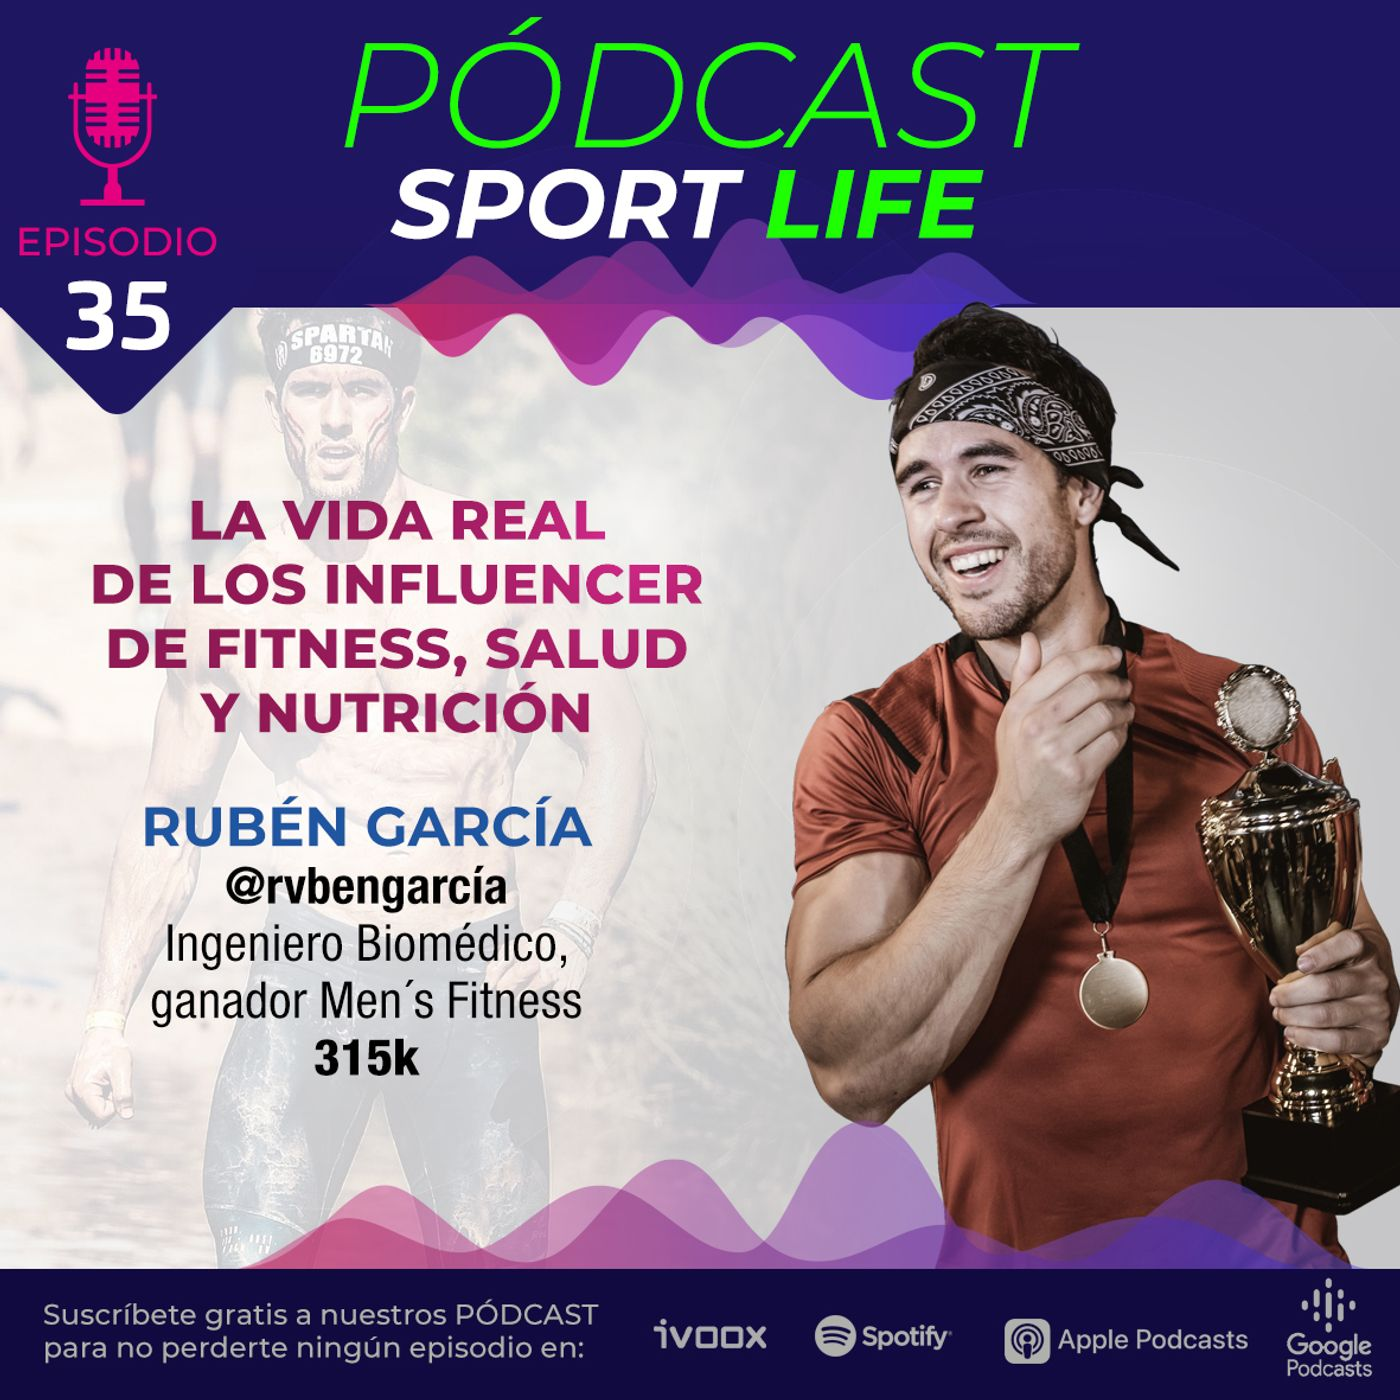 La vida real del influencer de fitness Rubén García (@rvbengarcia)